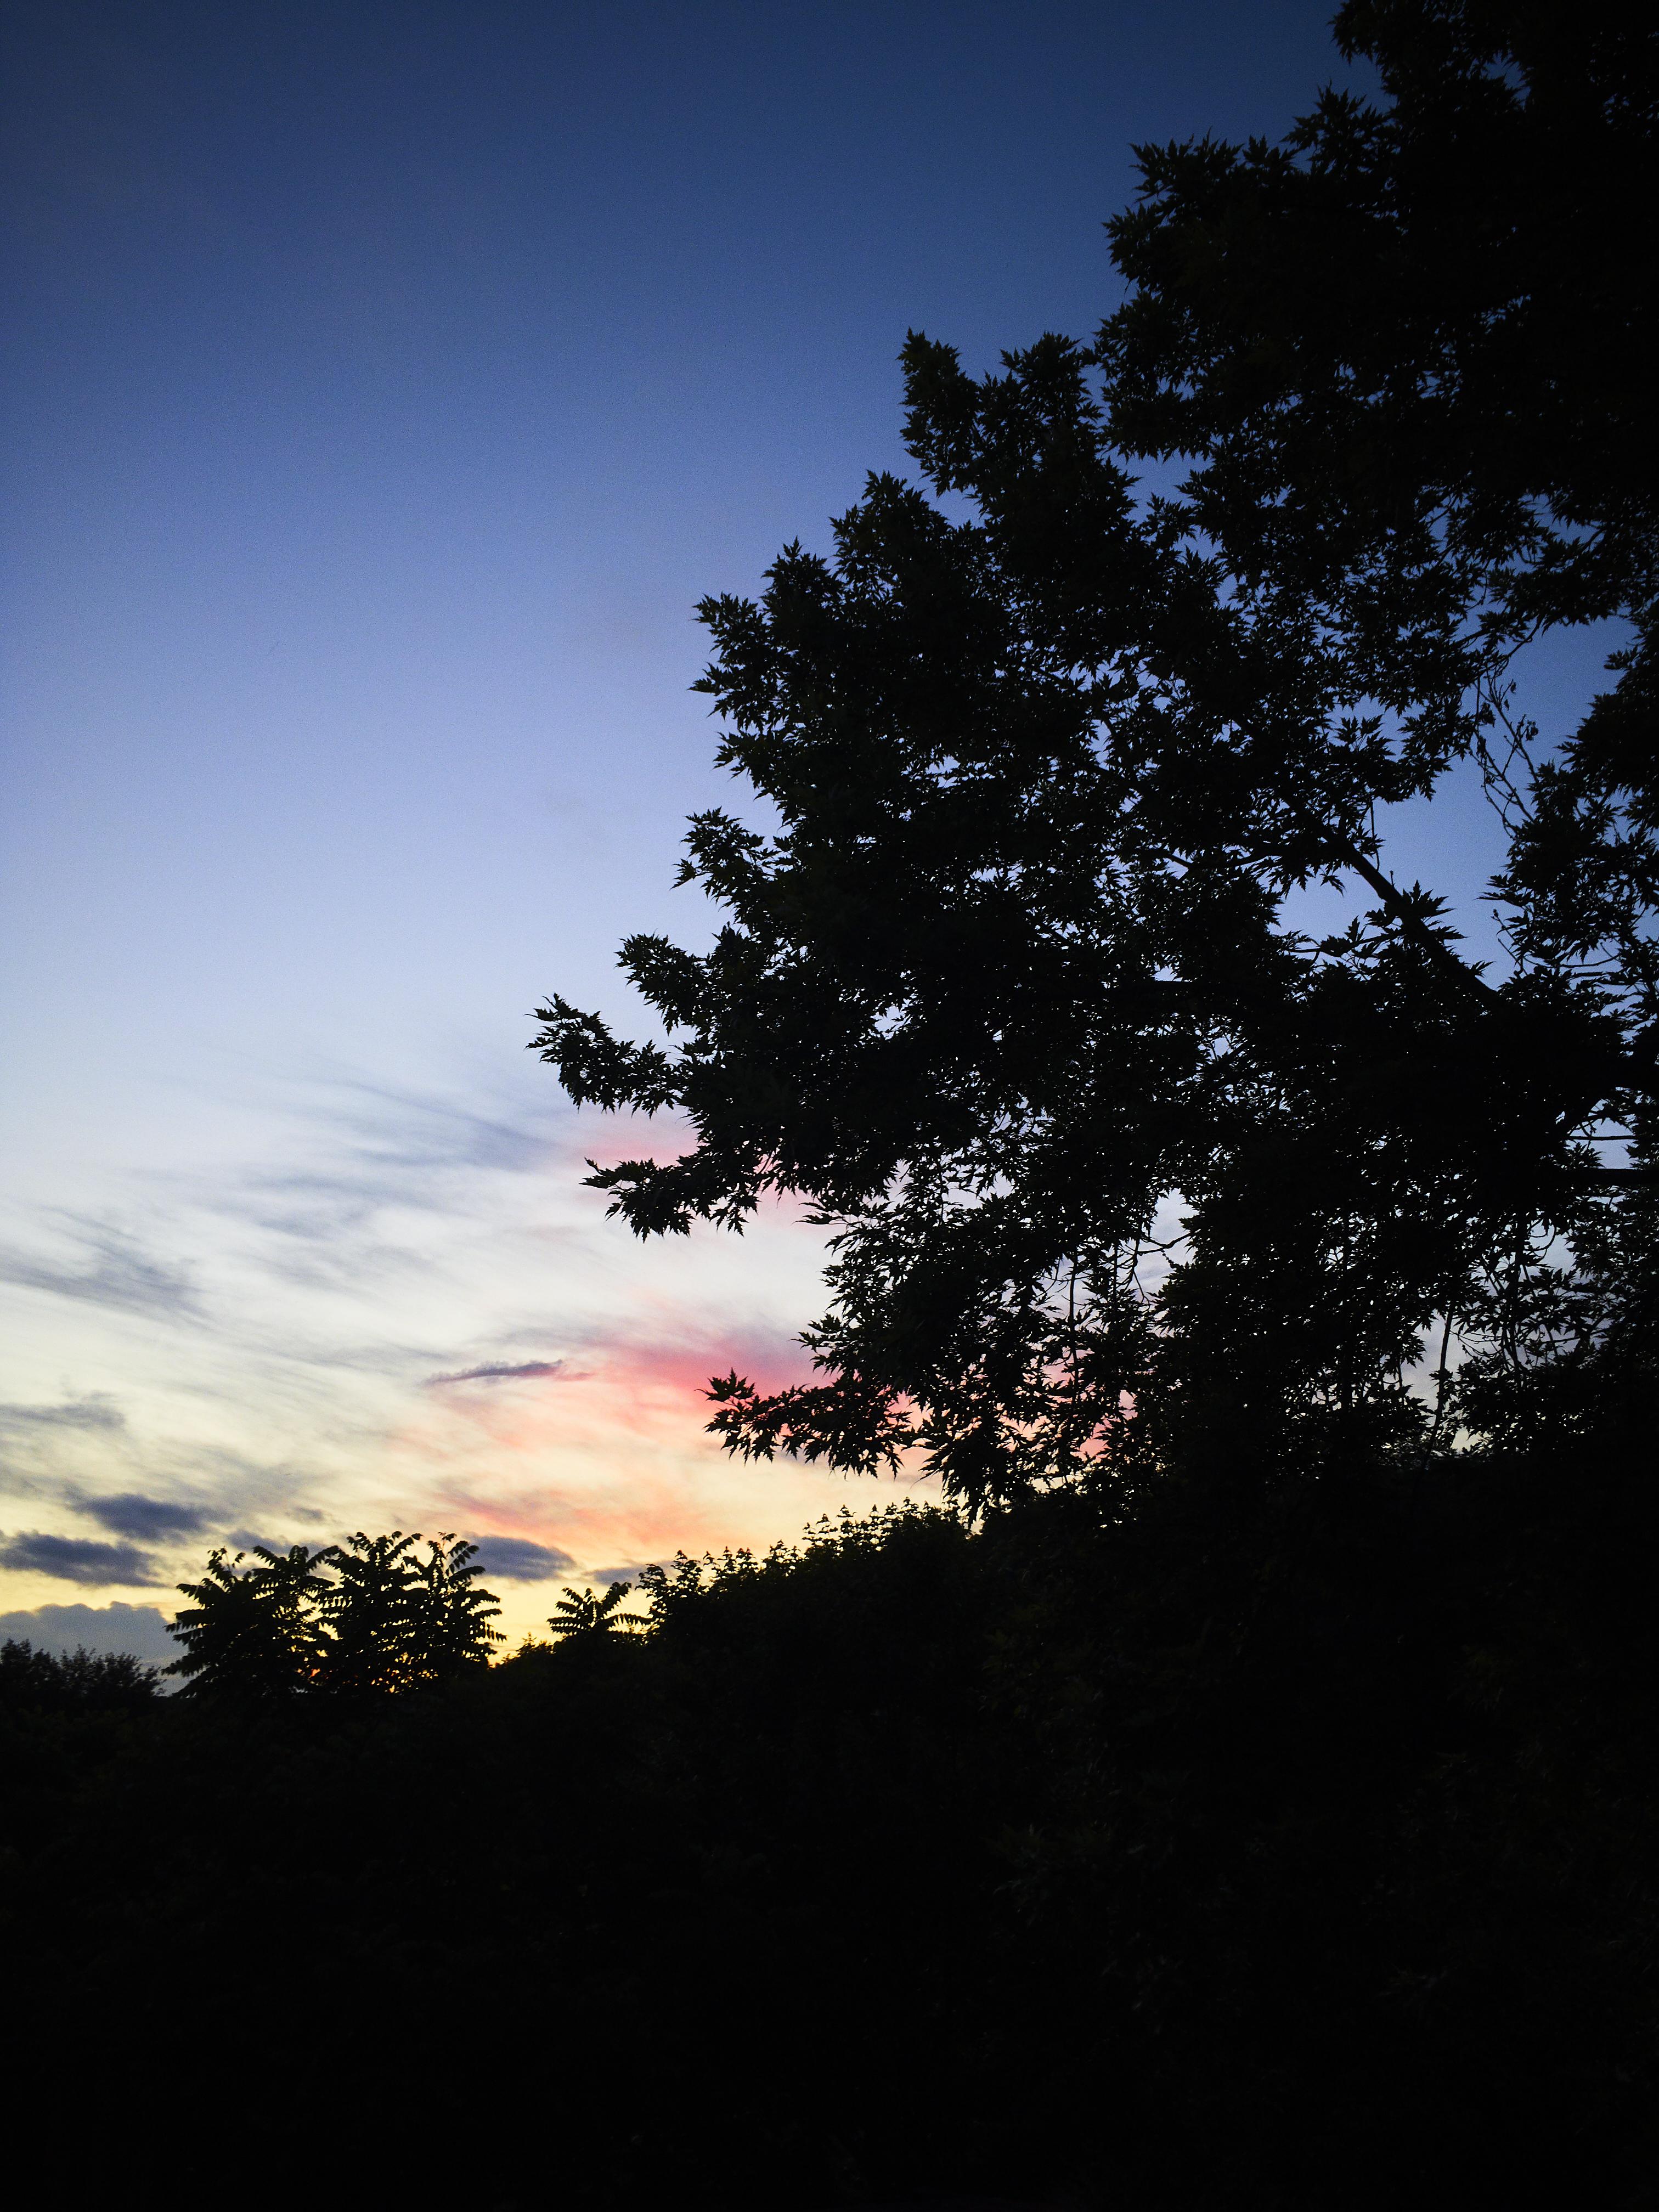 154579 скачать обои Природа, Деревья, Закат, Небо, Силуэт, Облака - заставки и картинки бесплатно